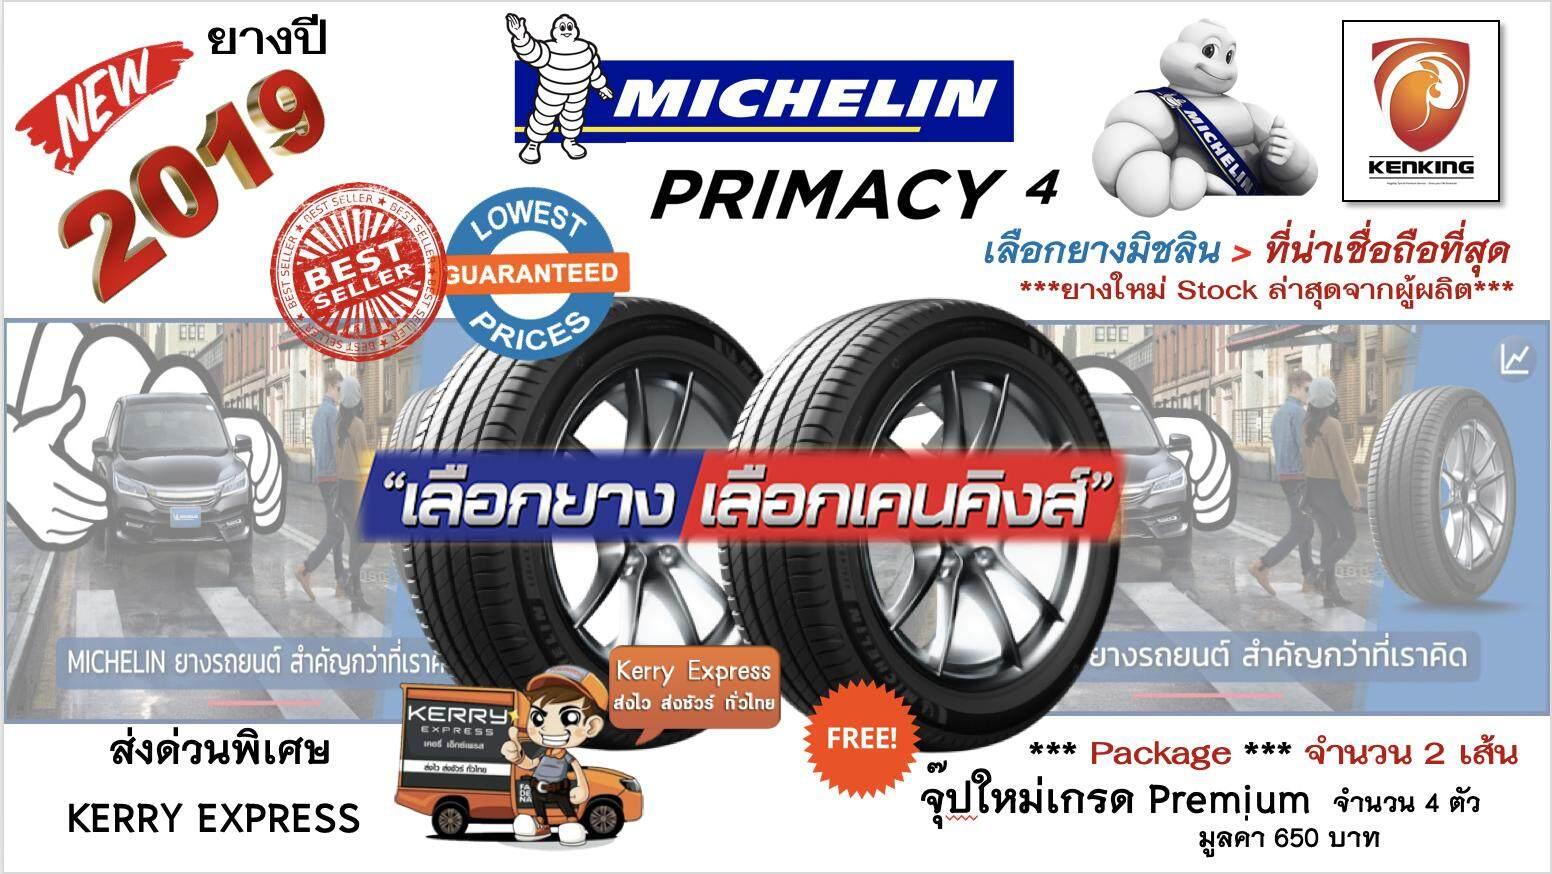 ประกันภัย รถยนต์ ชั้น 3 ราคา ถูก อุบลราชธานี ยางรถยนต์ขอบ17 Michelin มิชลิน NEW!! 2019 225/50 R17 Primacy 4 (2 เส้น) FREE !! จุ๊ป PREMIUM BY KENKING POWER 650 บาท MADE IN JAPAN แท้ (ลิขสิทธิแท้รายเดียว)